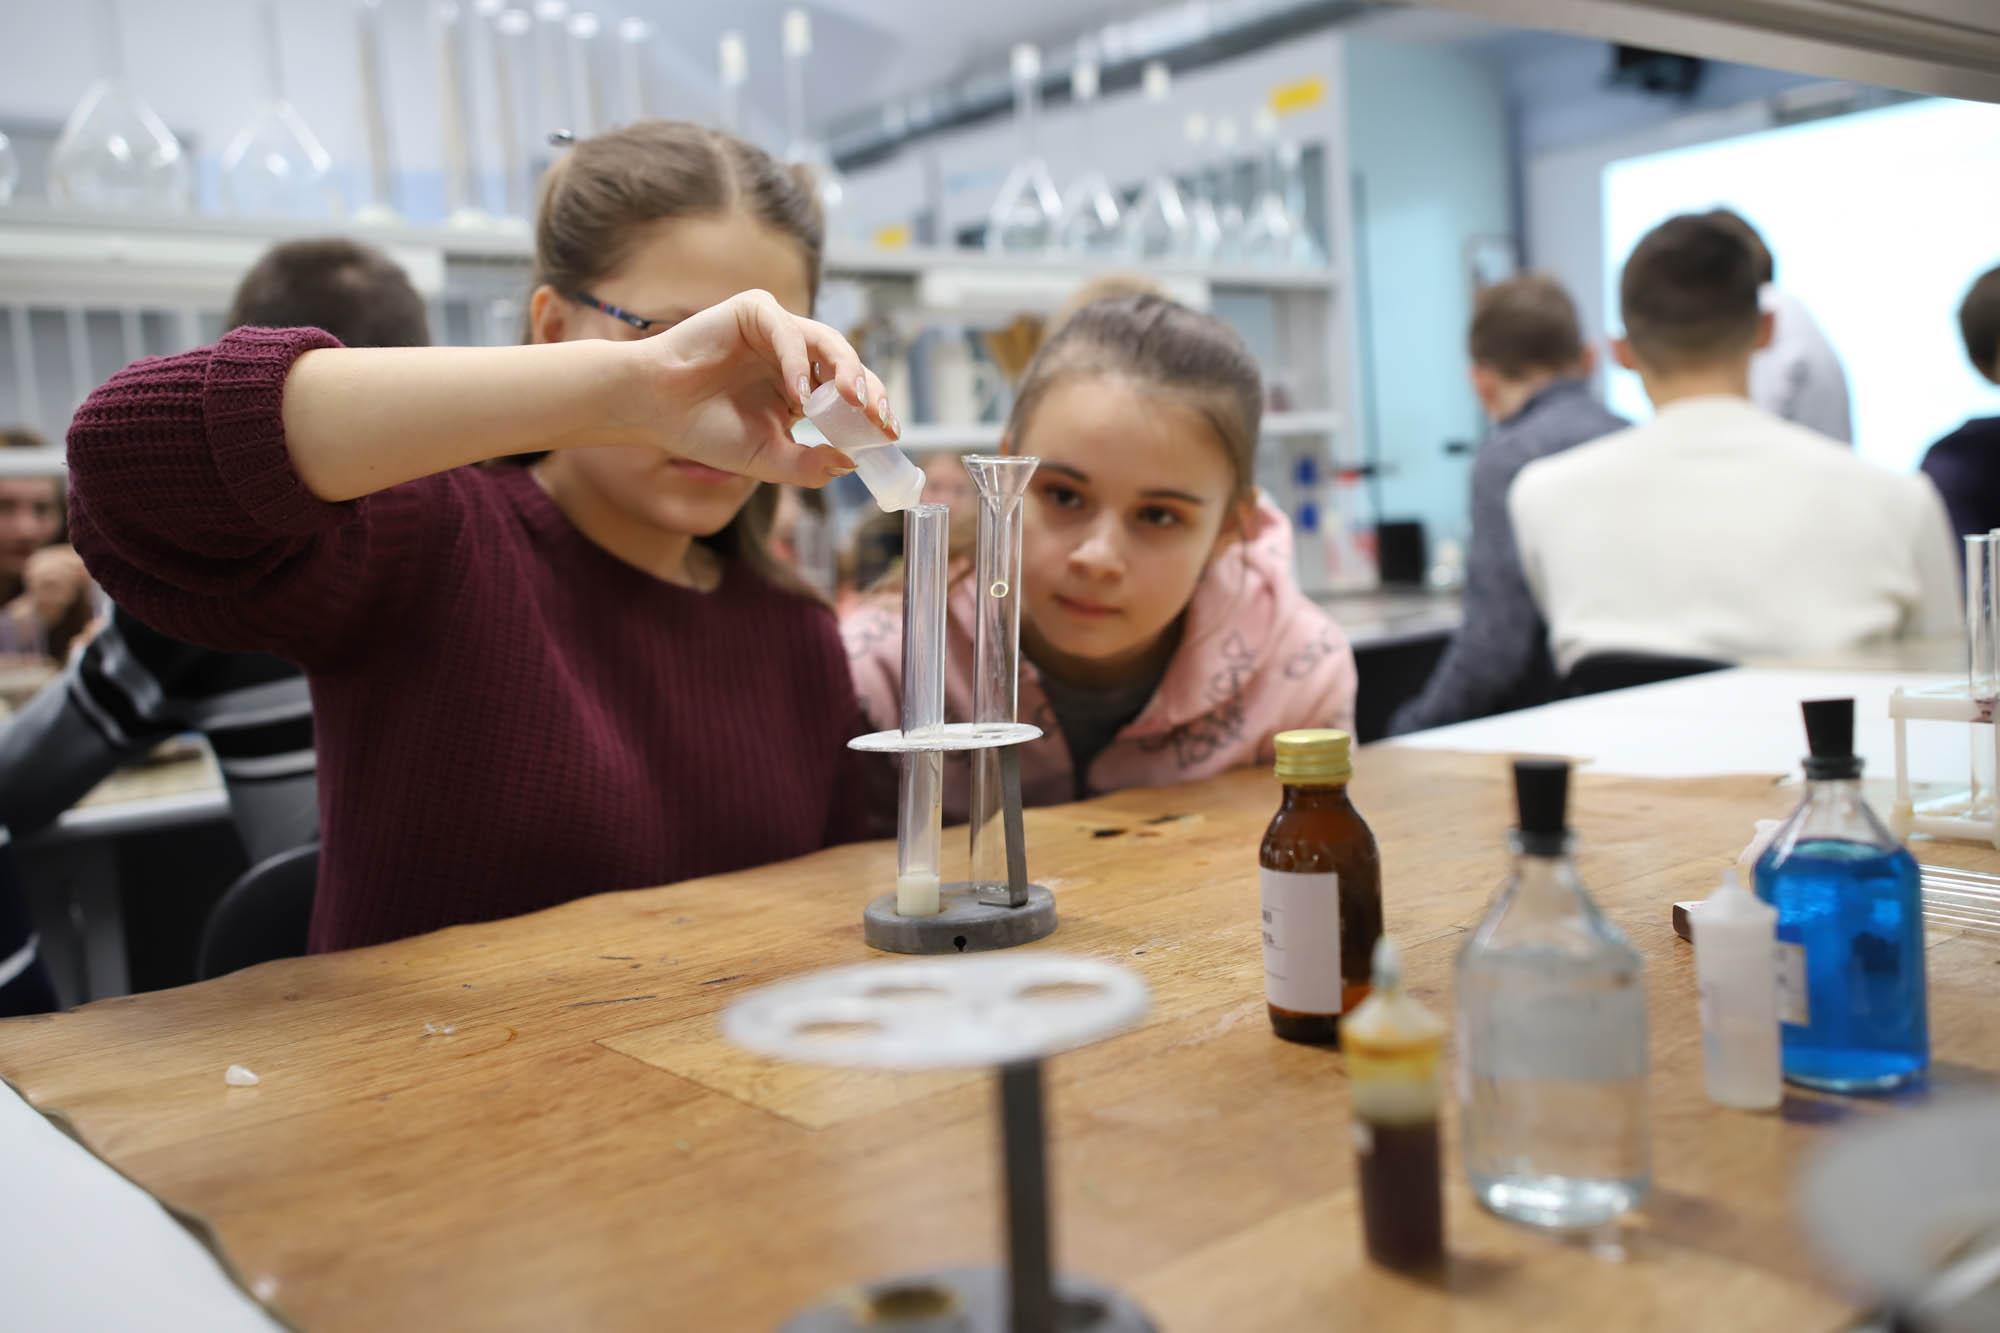 В рамках проекта Мининского университета «Нижегородский волонтер дистанта» большое количество заявок поступило студентам-волонтерам профиля «Биология и Химия»